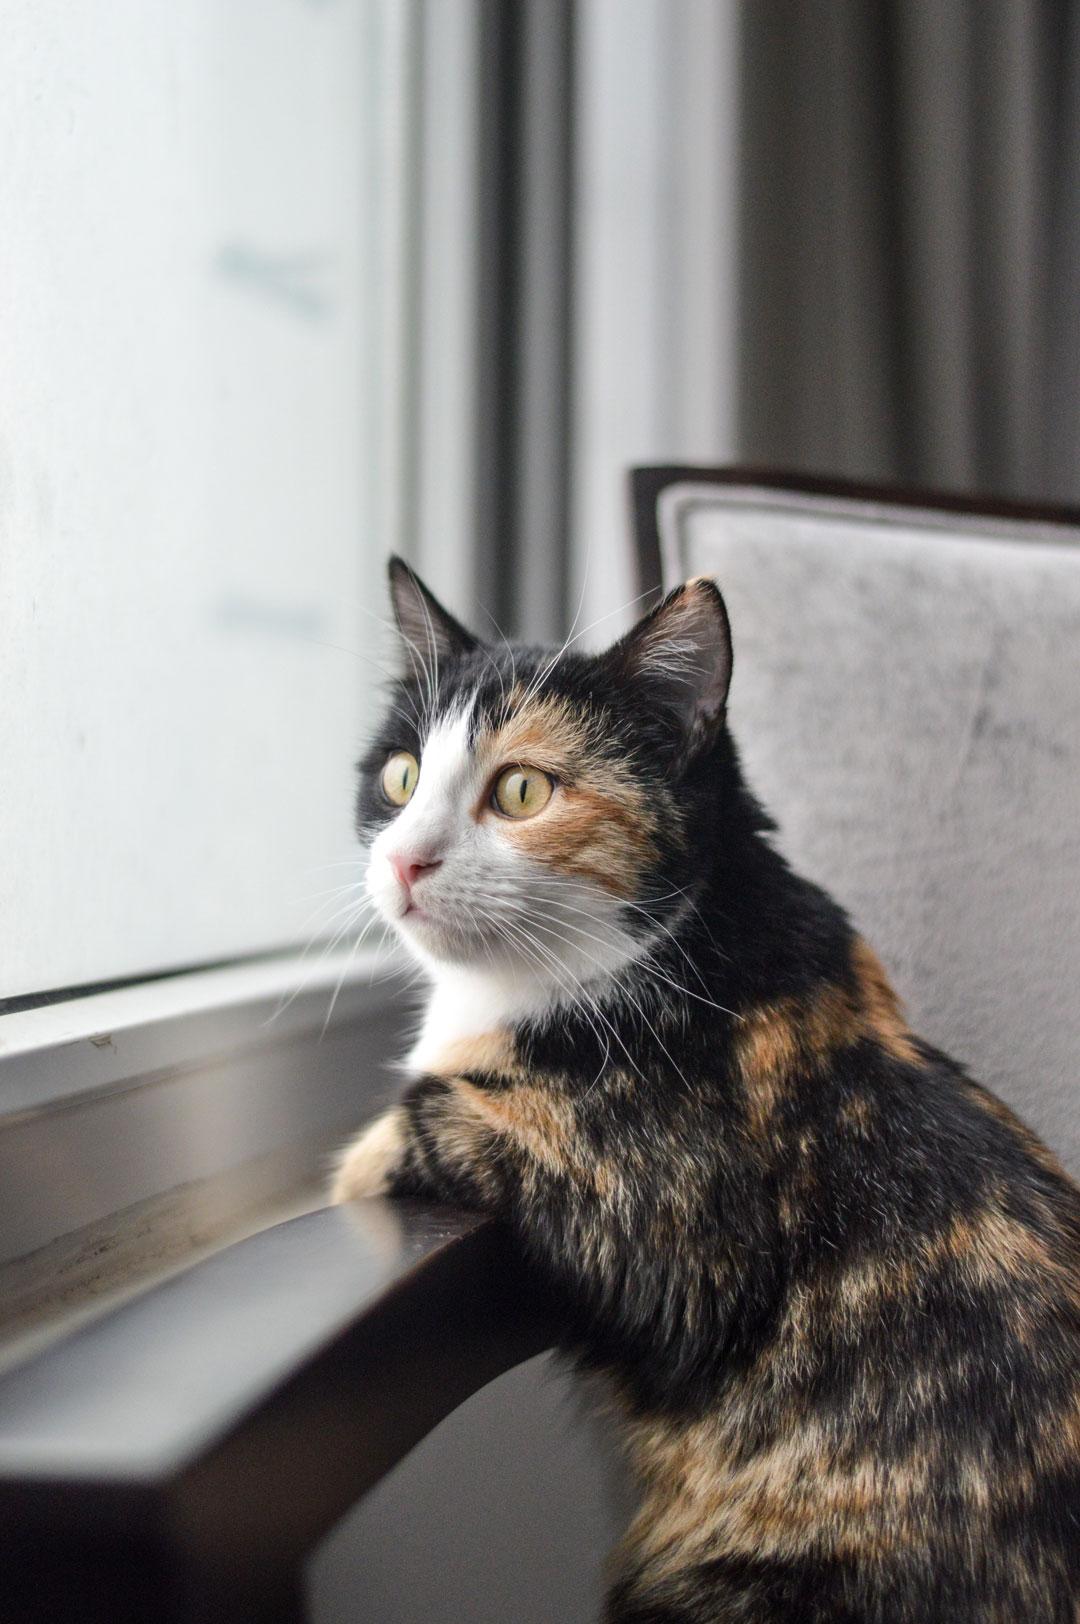 گربه محمدرضا شعبانعلی